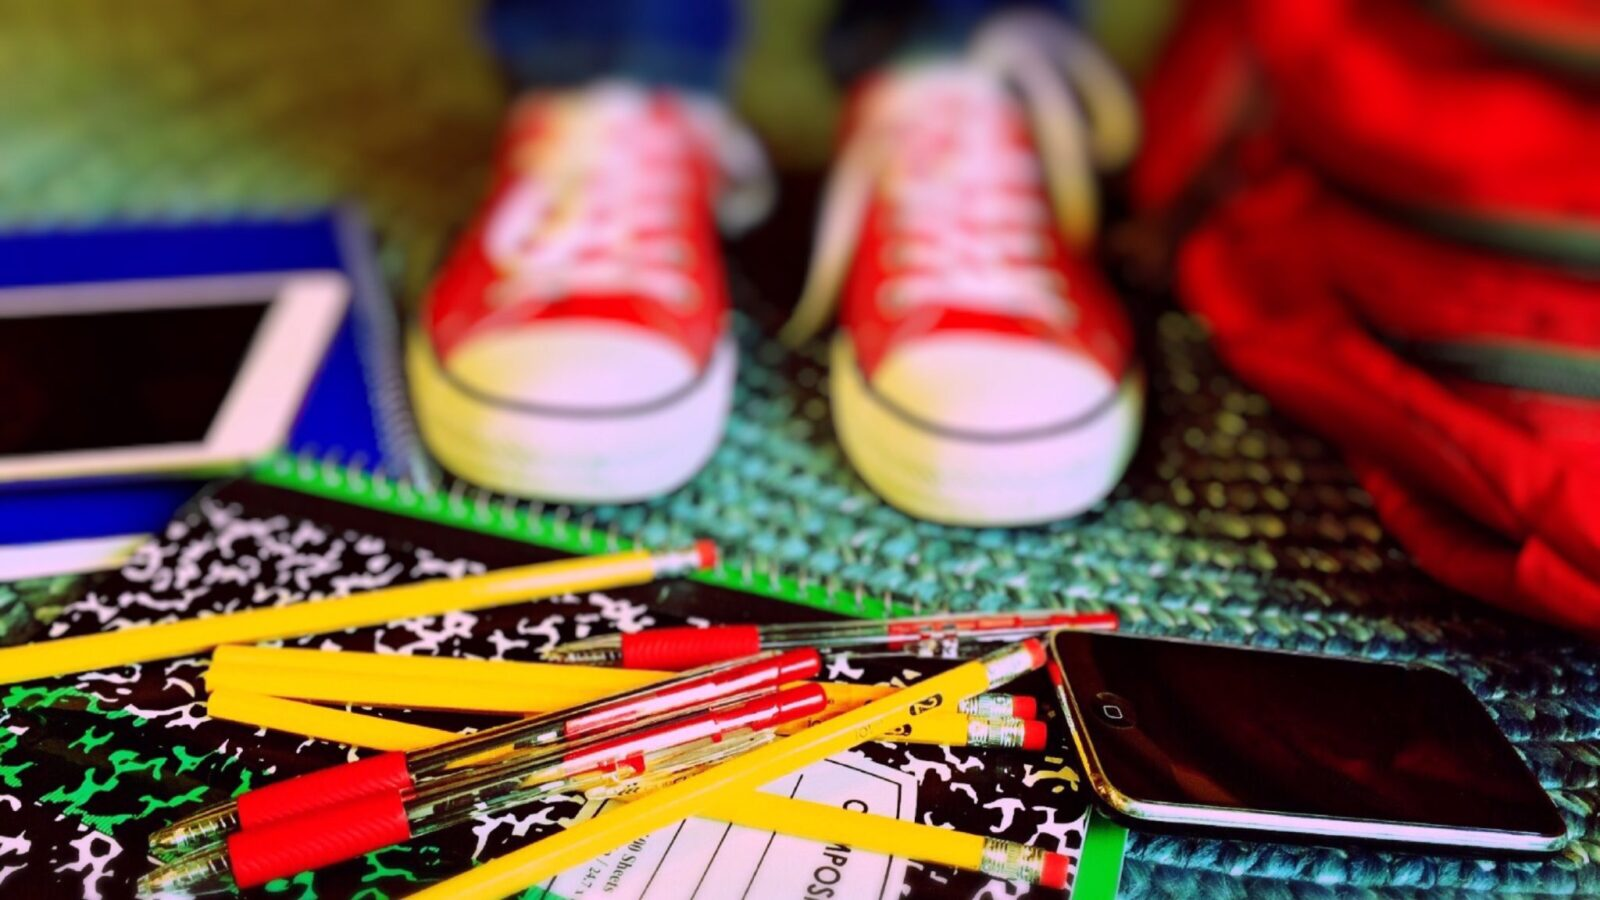 L'arte di imparare (e di insegnare)